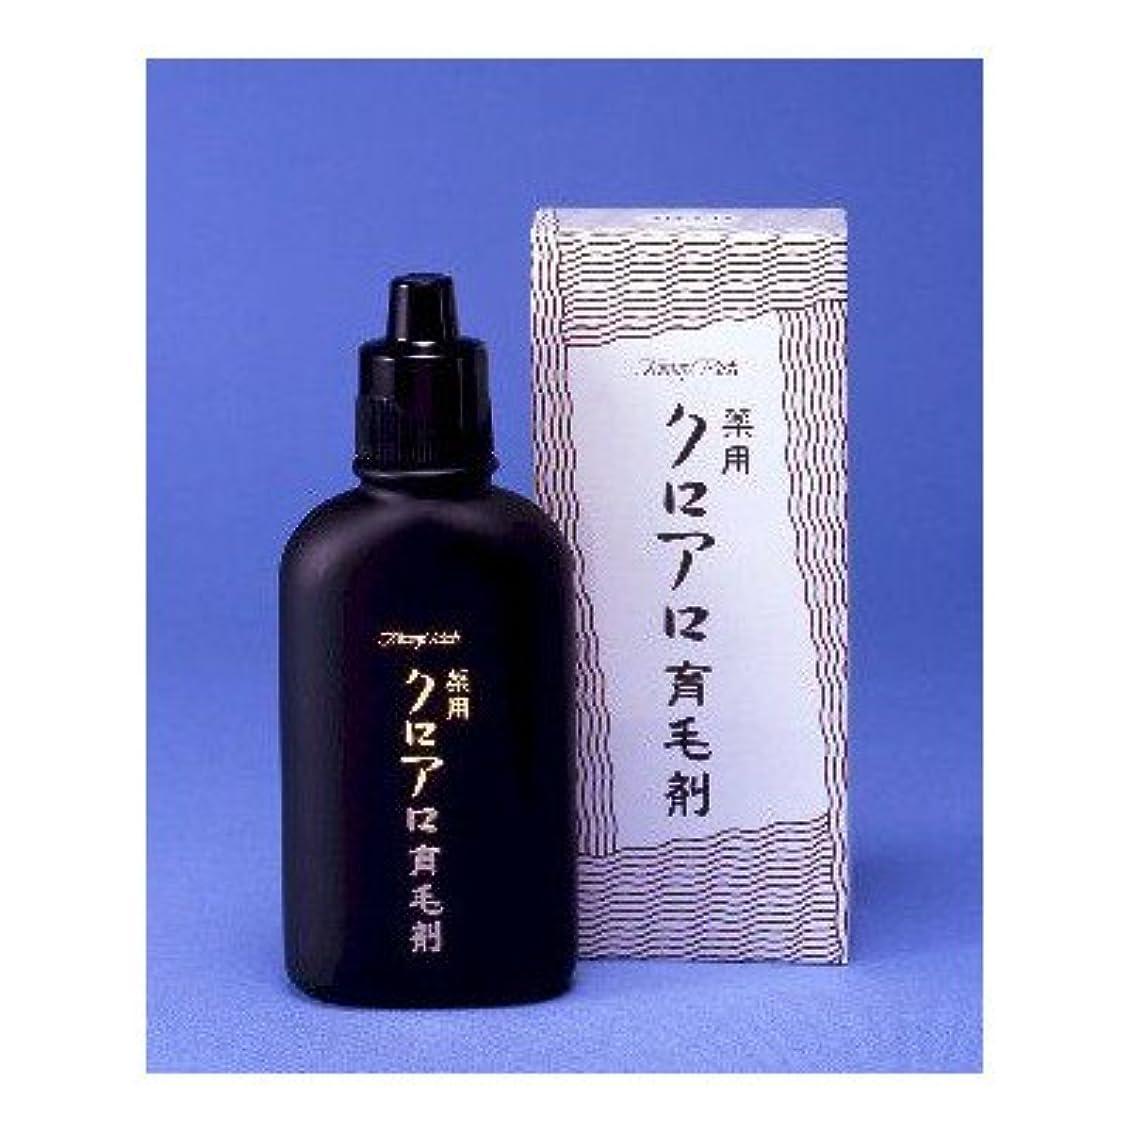 コンプリート放射能ファンドトミーリッチ 薬用クロアロ育毛剤